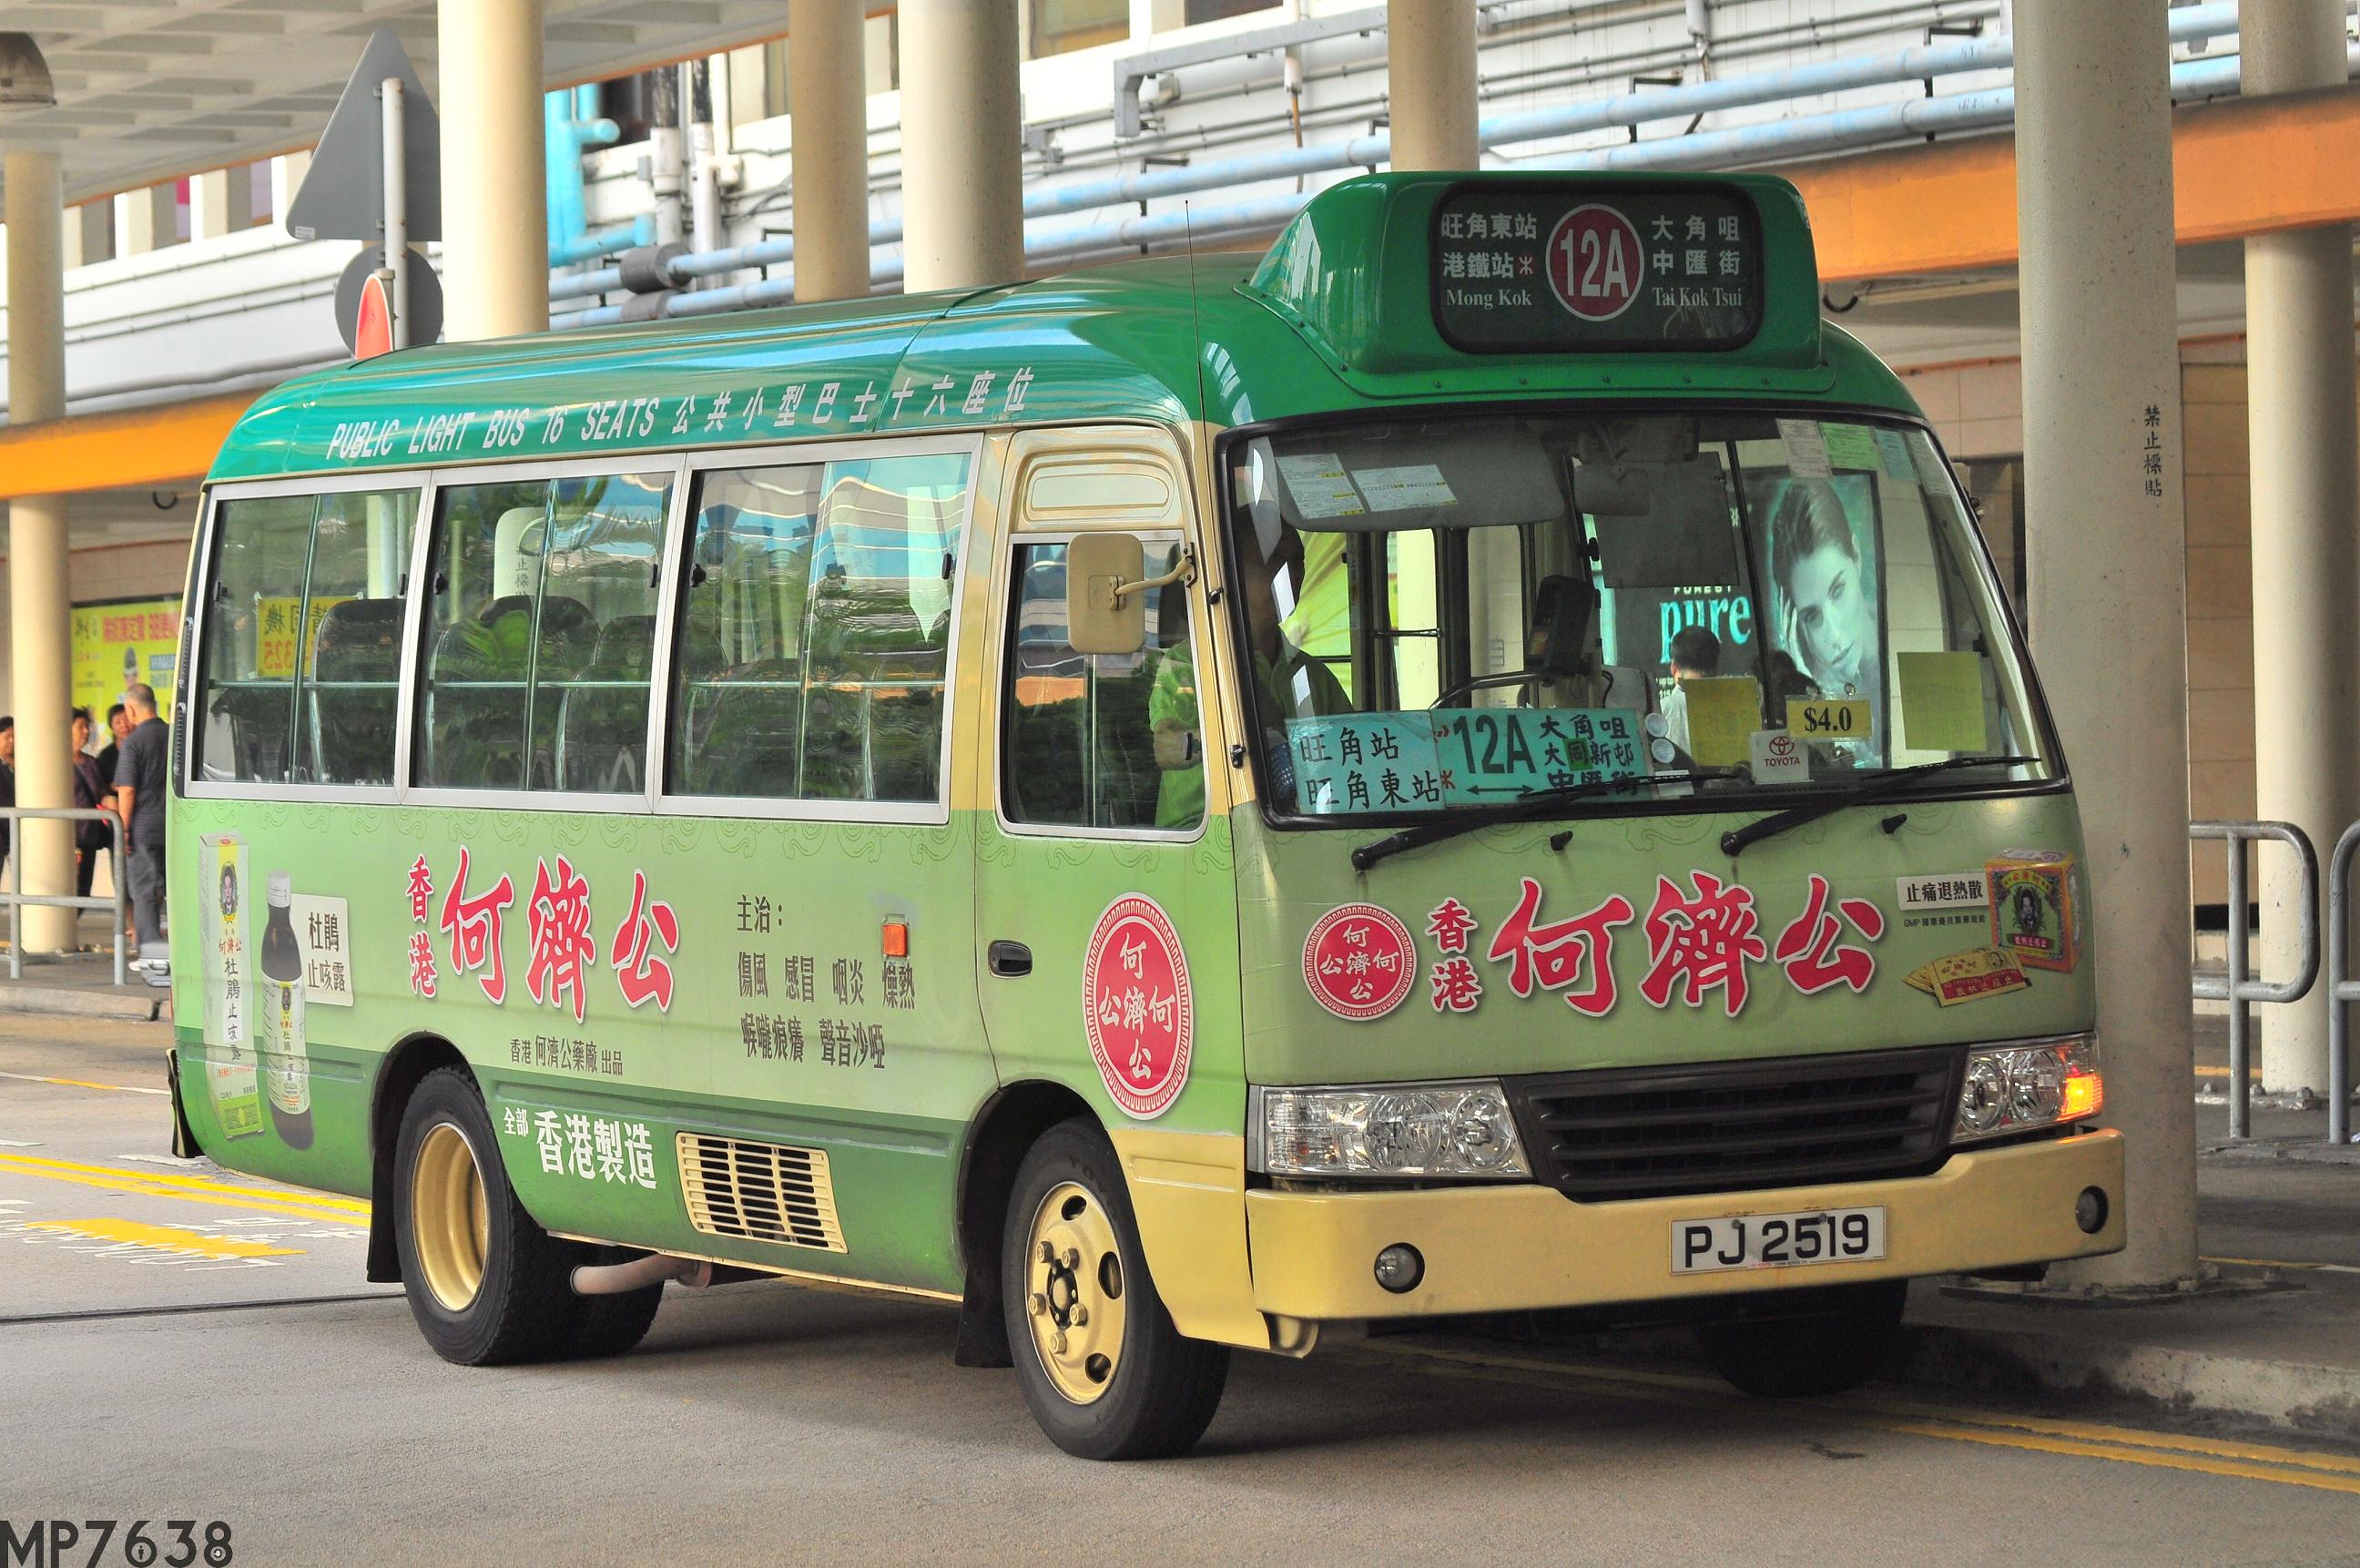 九龍專綫小巴12A線